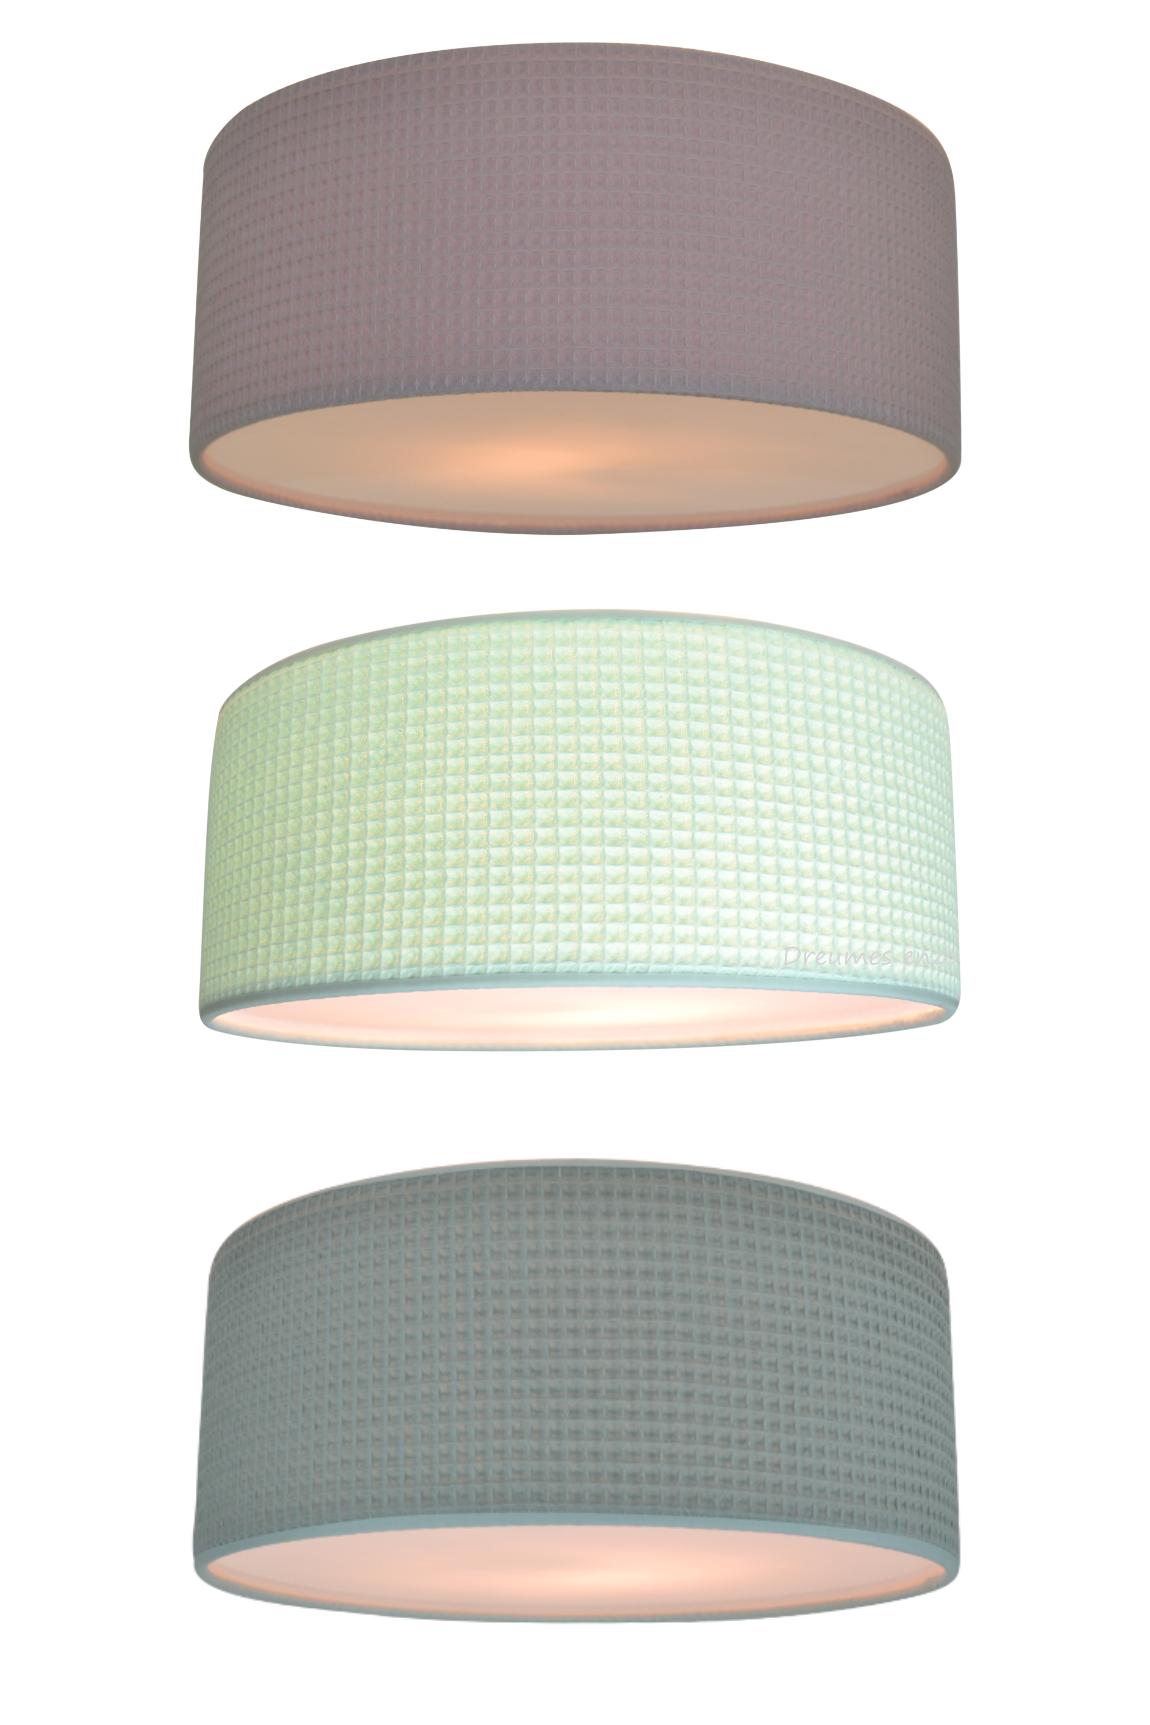 wafel babykamer lampen plafondlampen met wafelstof oud roze mintgroen oud groen